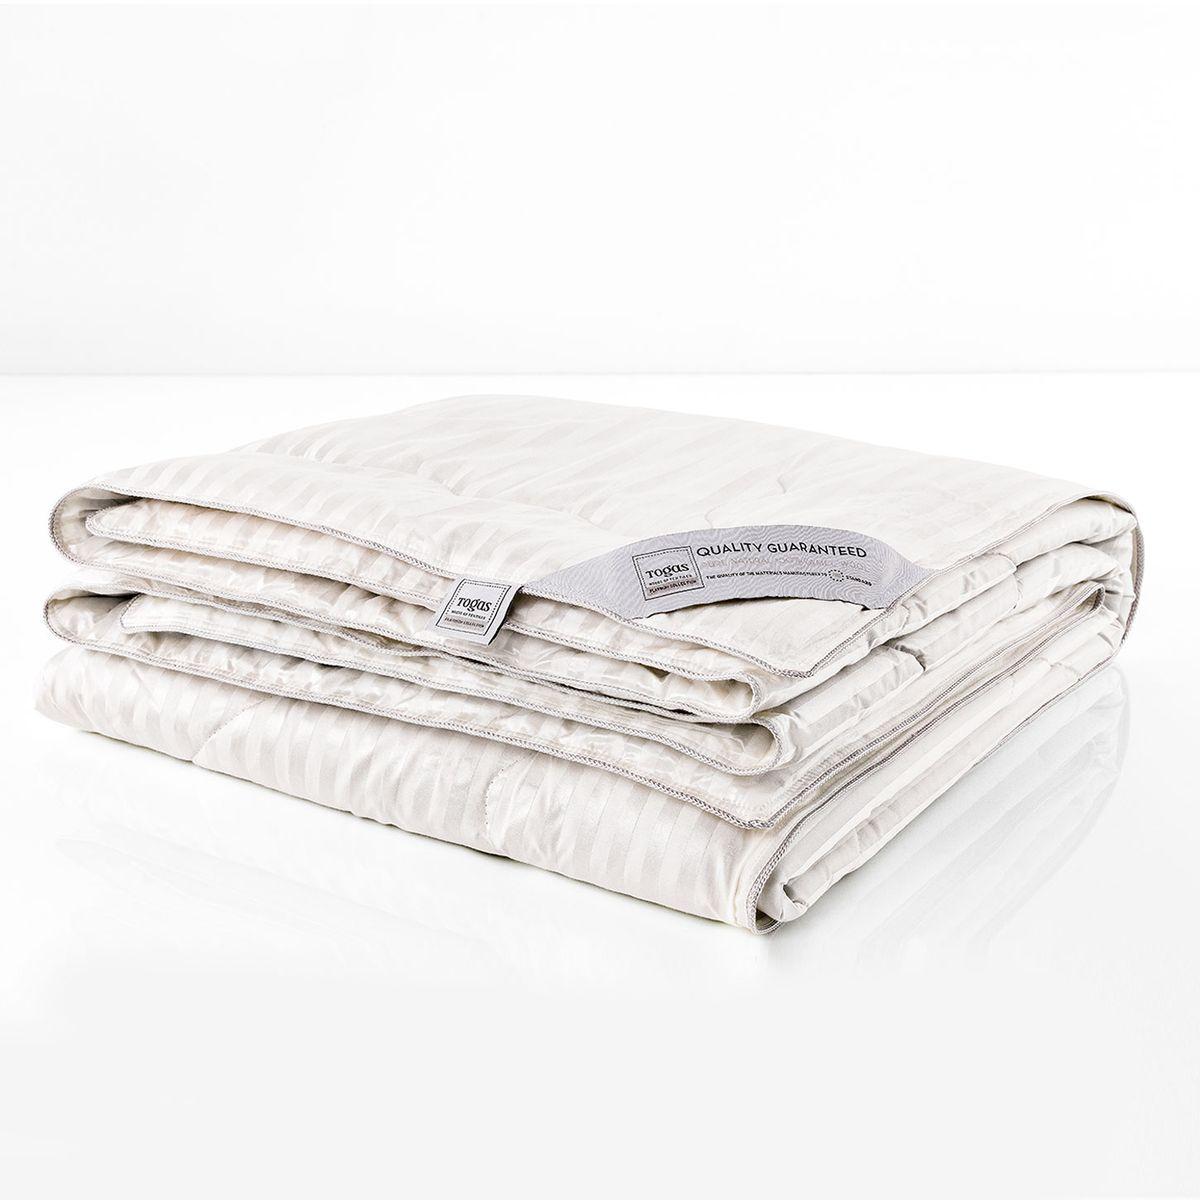 Одеяло Togas  Верблюжья шерсть в шелке , наполнитель: шерсть, цвет: экрю, 140 х 200 см - Одеяла